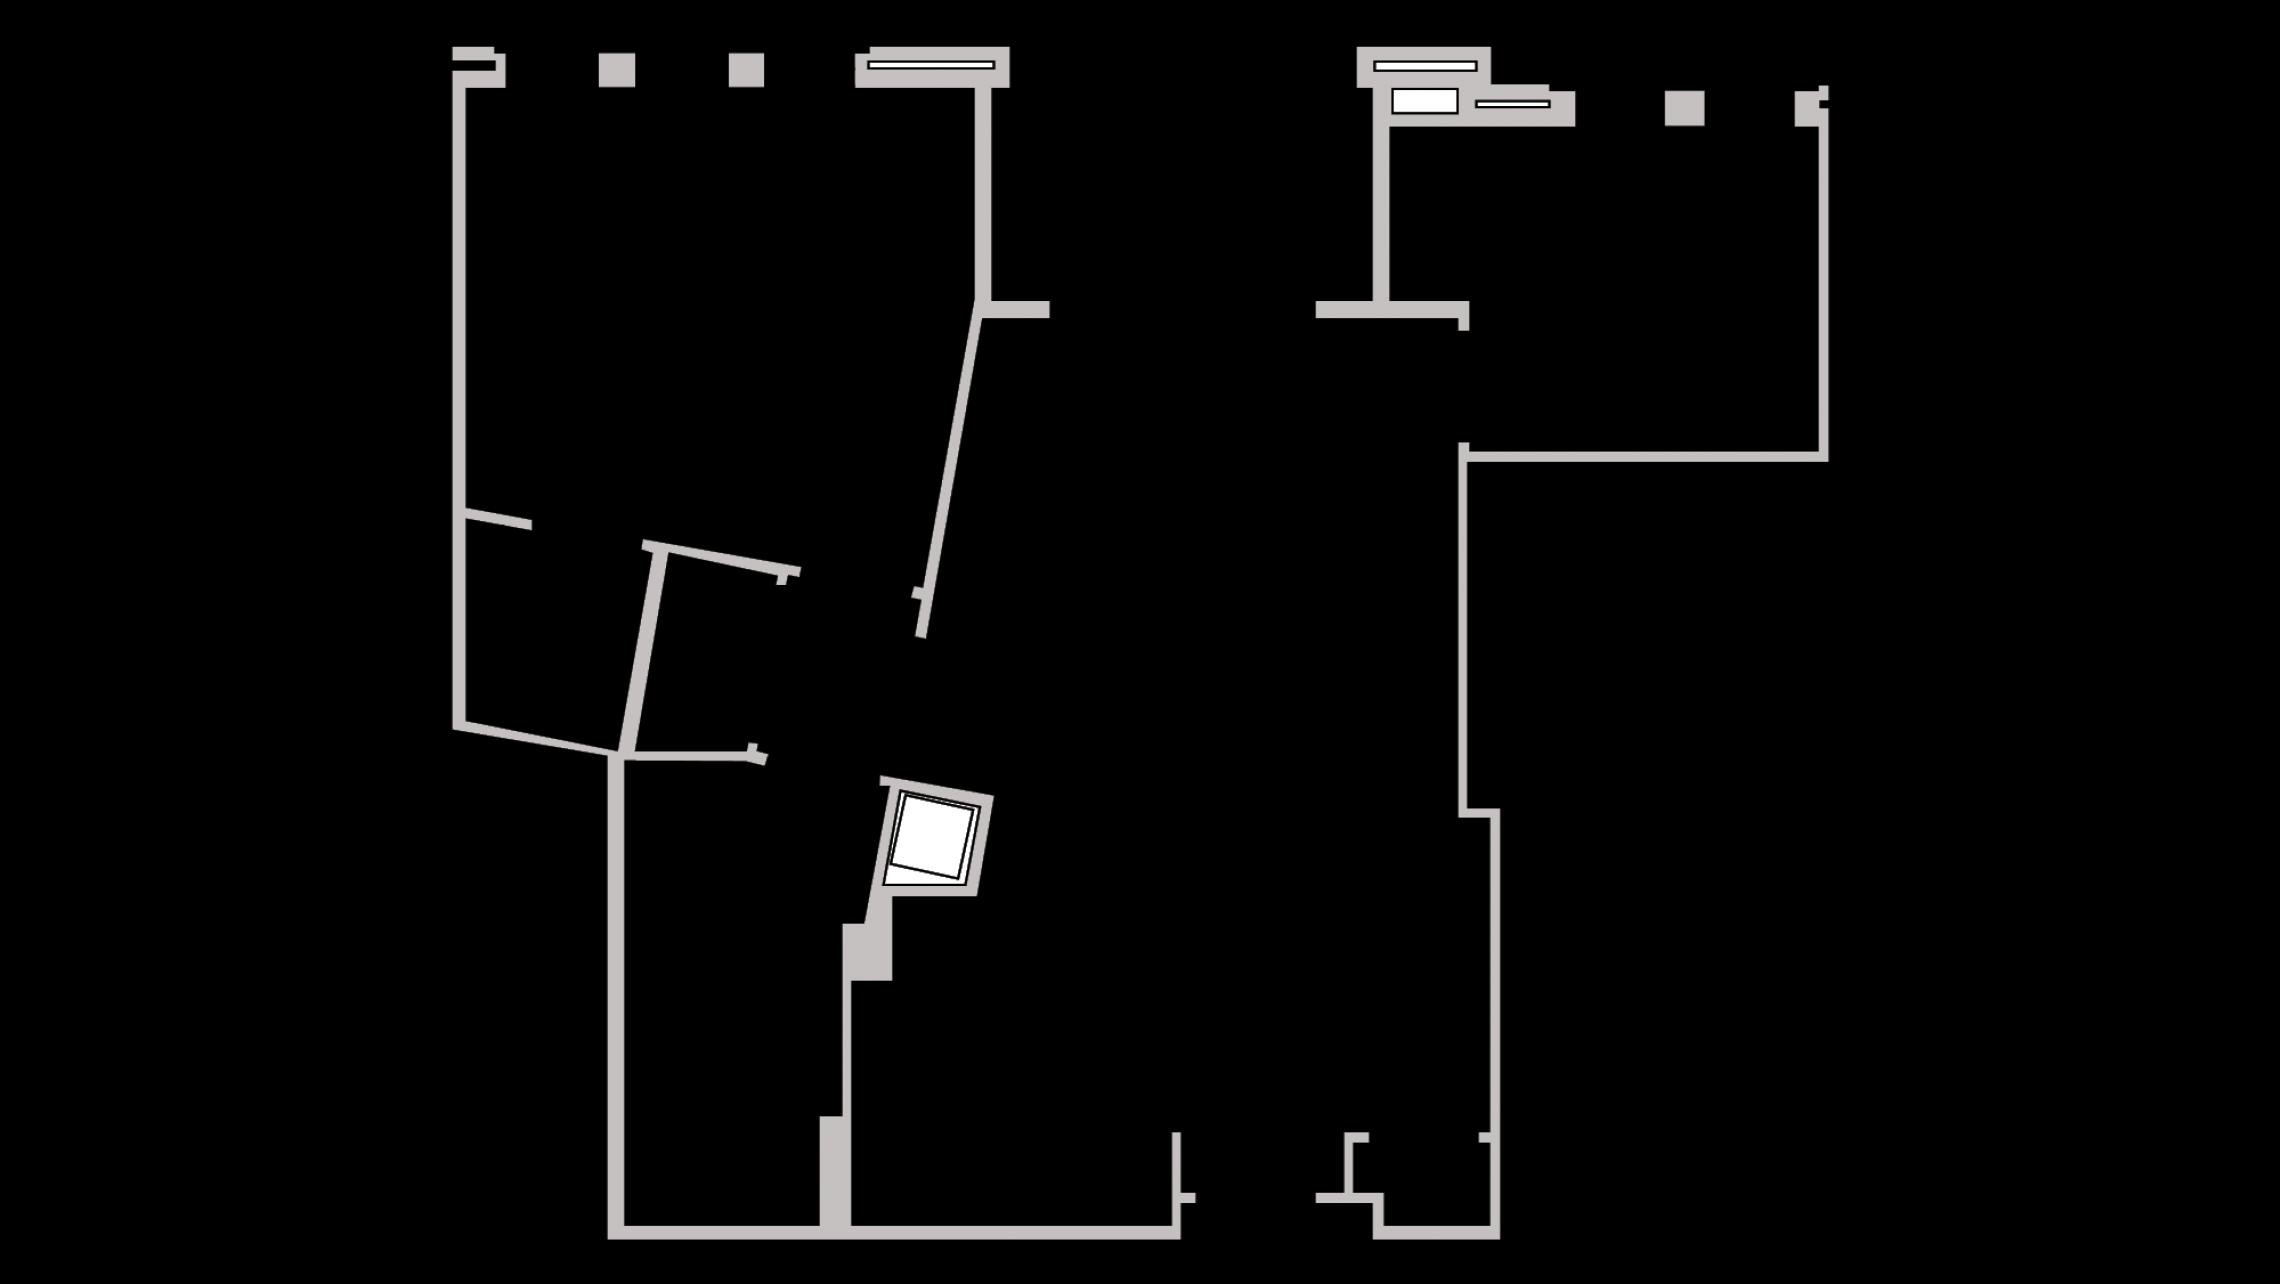 ULI The Depot 1-315 - One Bedroom Plus Den, One Bathroom